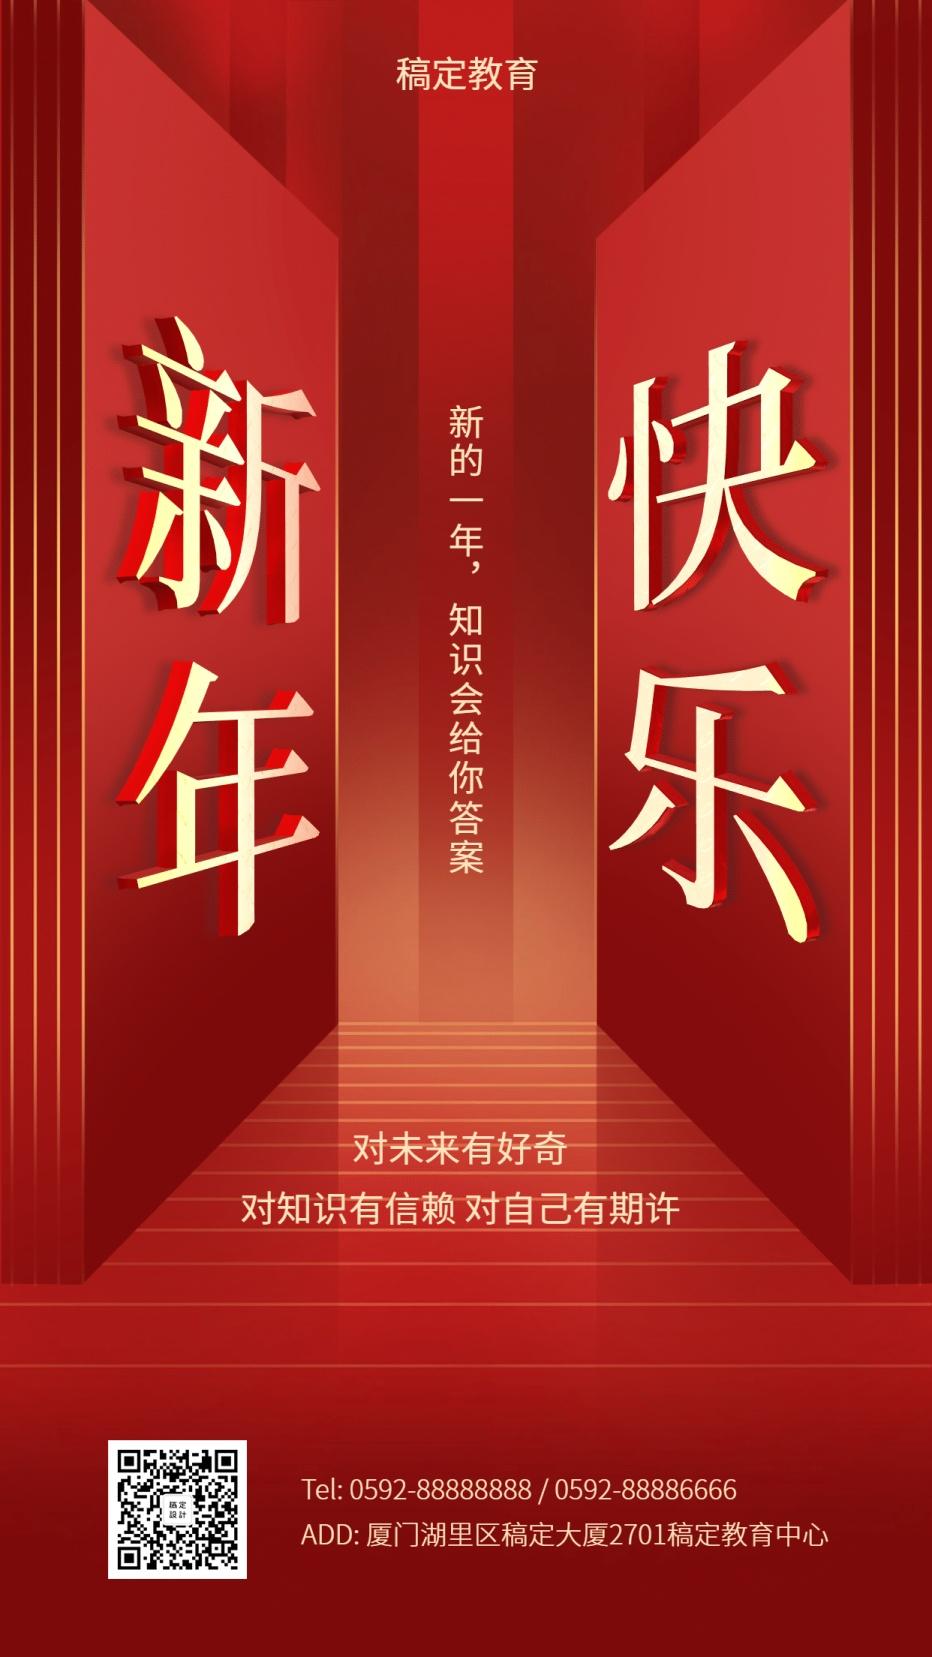 春节祝福红金风格3D字体知识付费